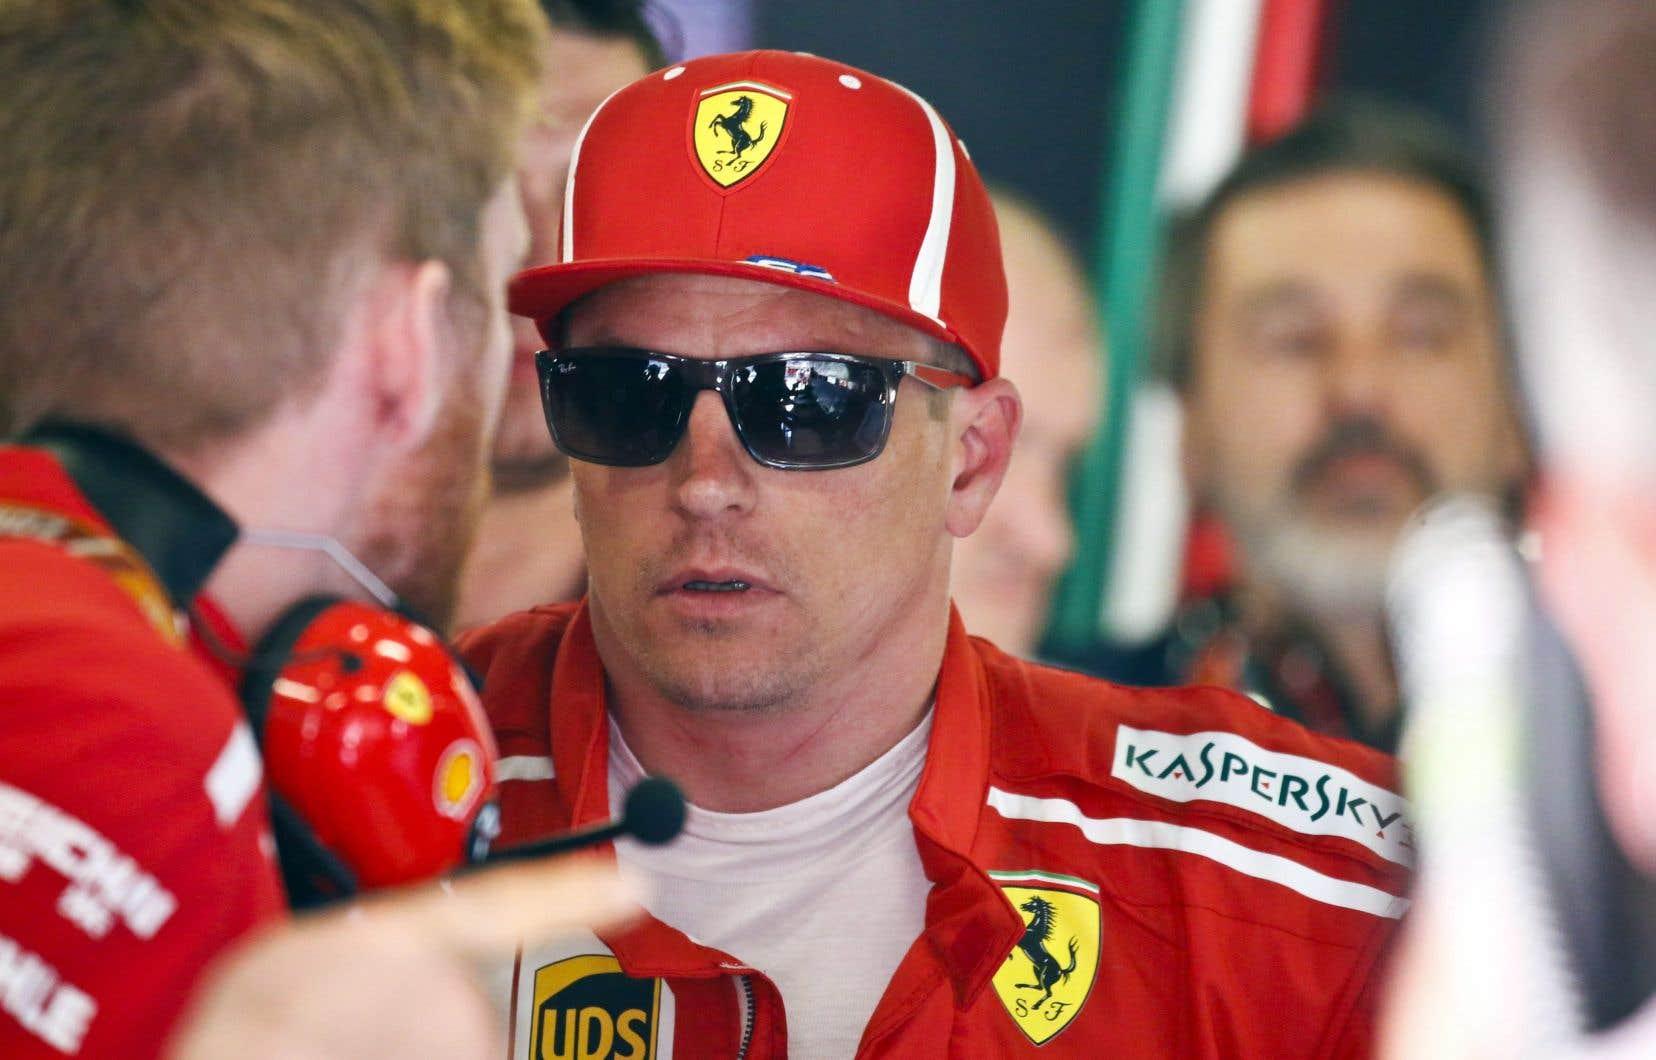 Les allégations contre le pilote de Ferrari sont détaillées sur le blogue de la présumée victime, qui ne nomme pas explicitement Räikkönen.